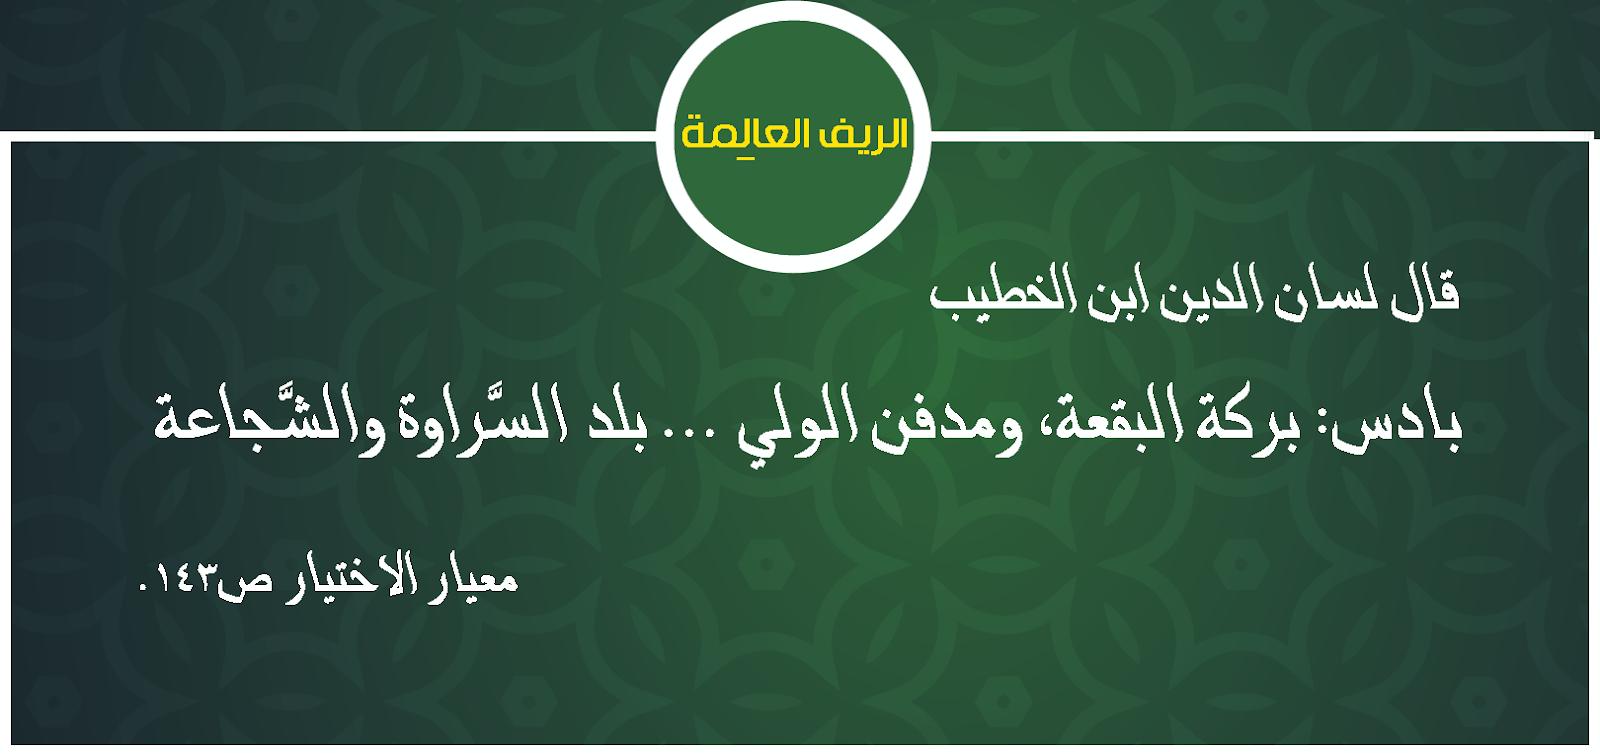 ما قاله لسان الدين ابن الخطيب عن بادس